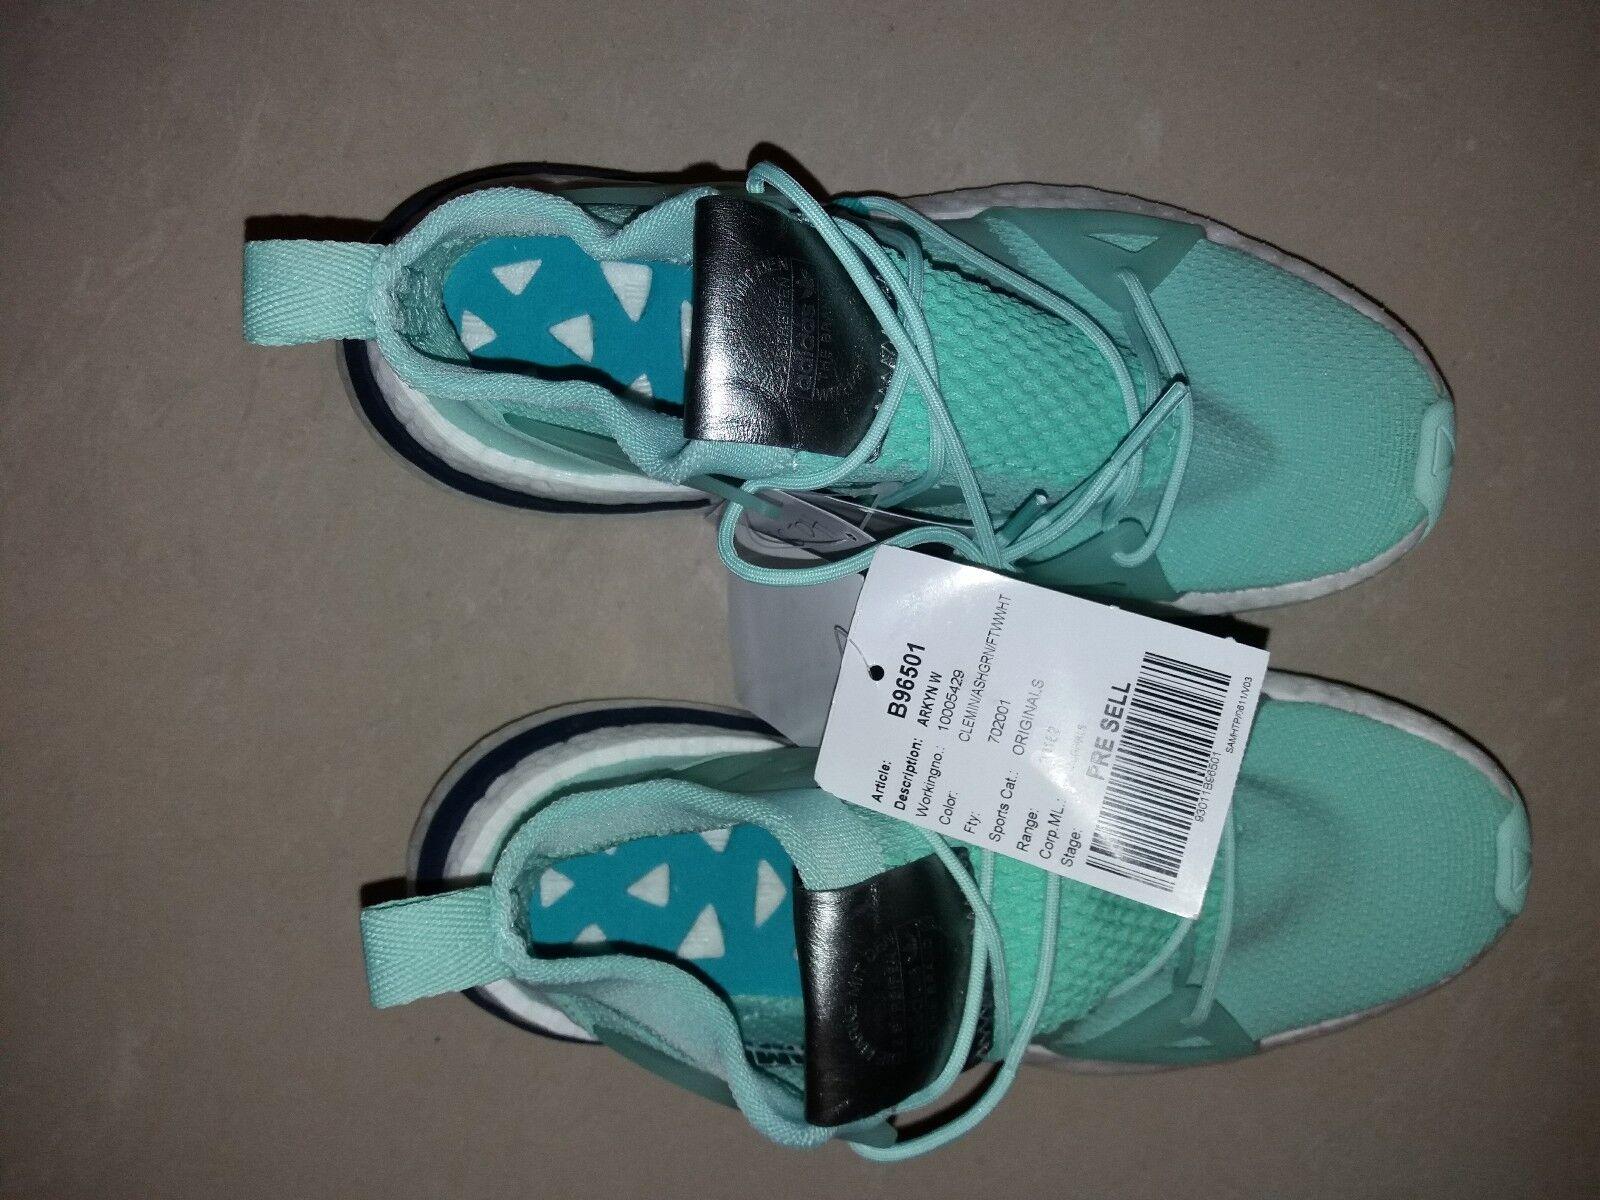 Adidas Originals Arkyn B96501 damen Running schuhe Turnschuhe BNWT          Günstige Preise    Verschiedene Arten und Stile